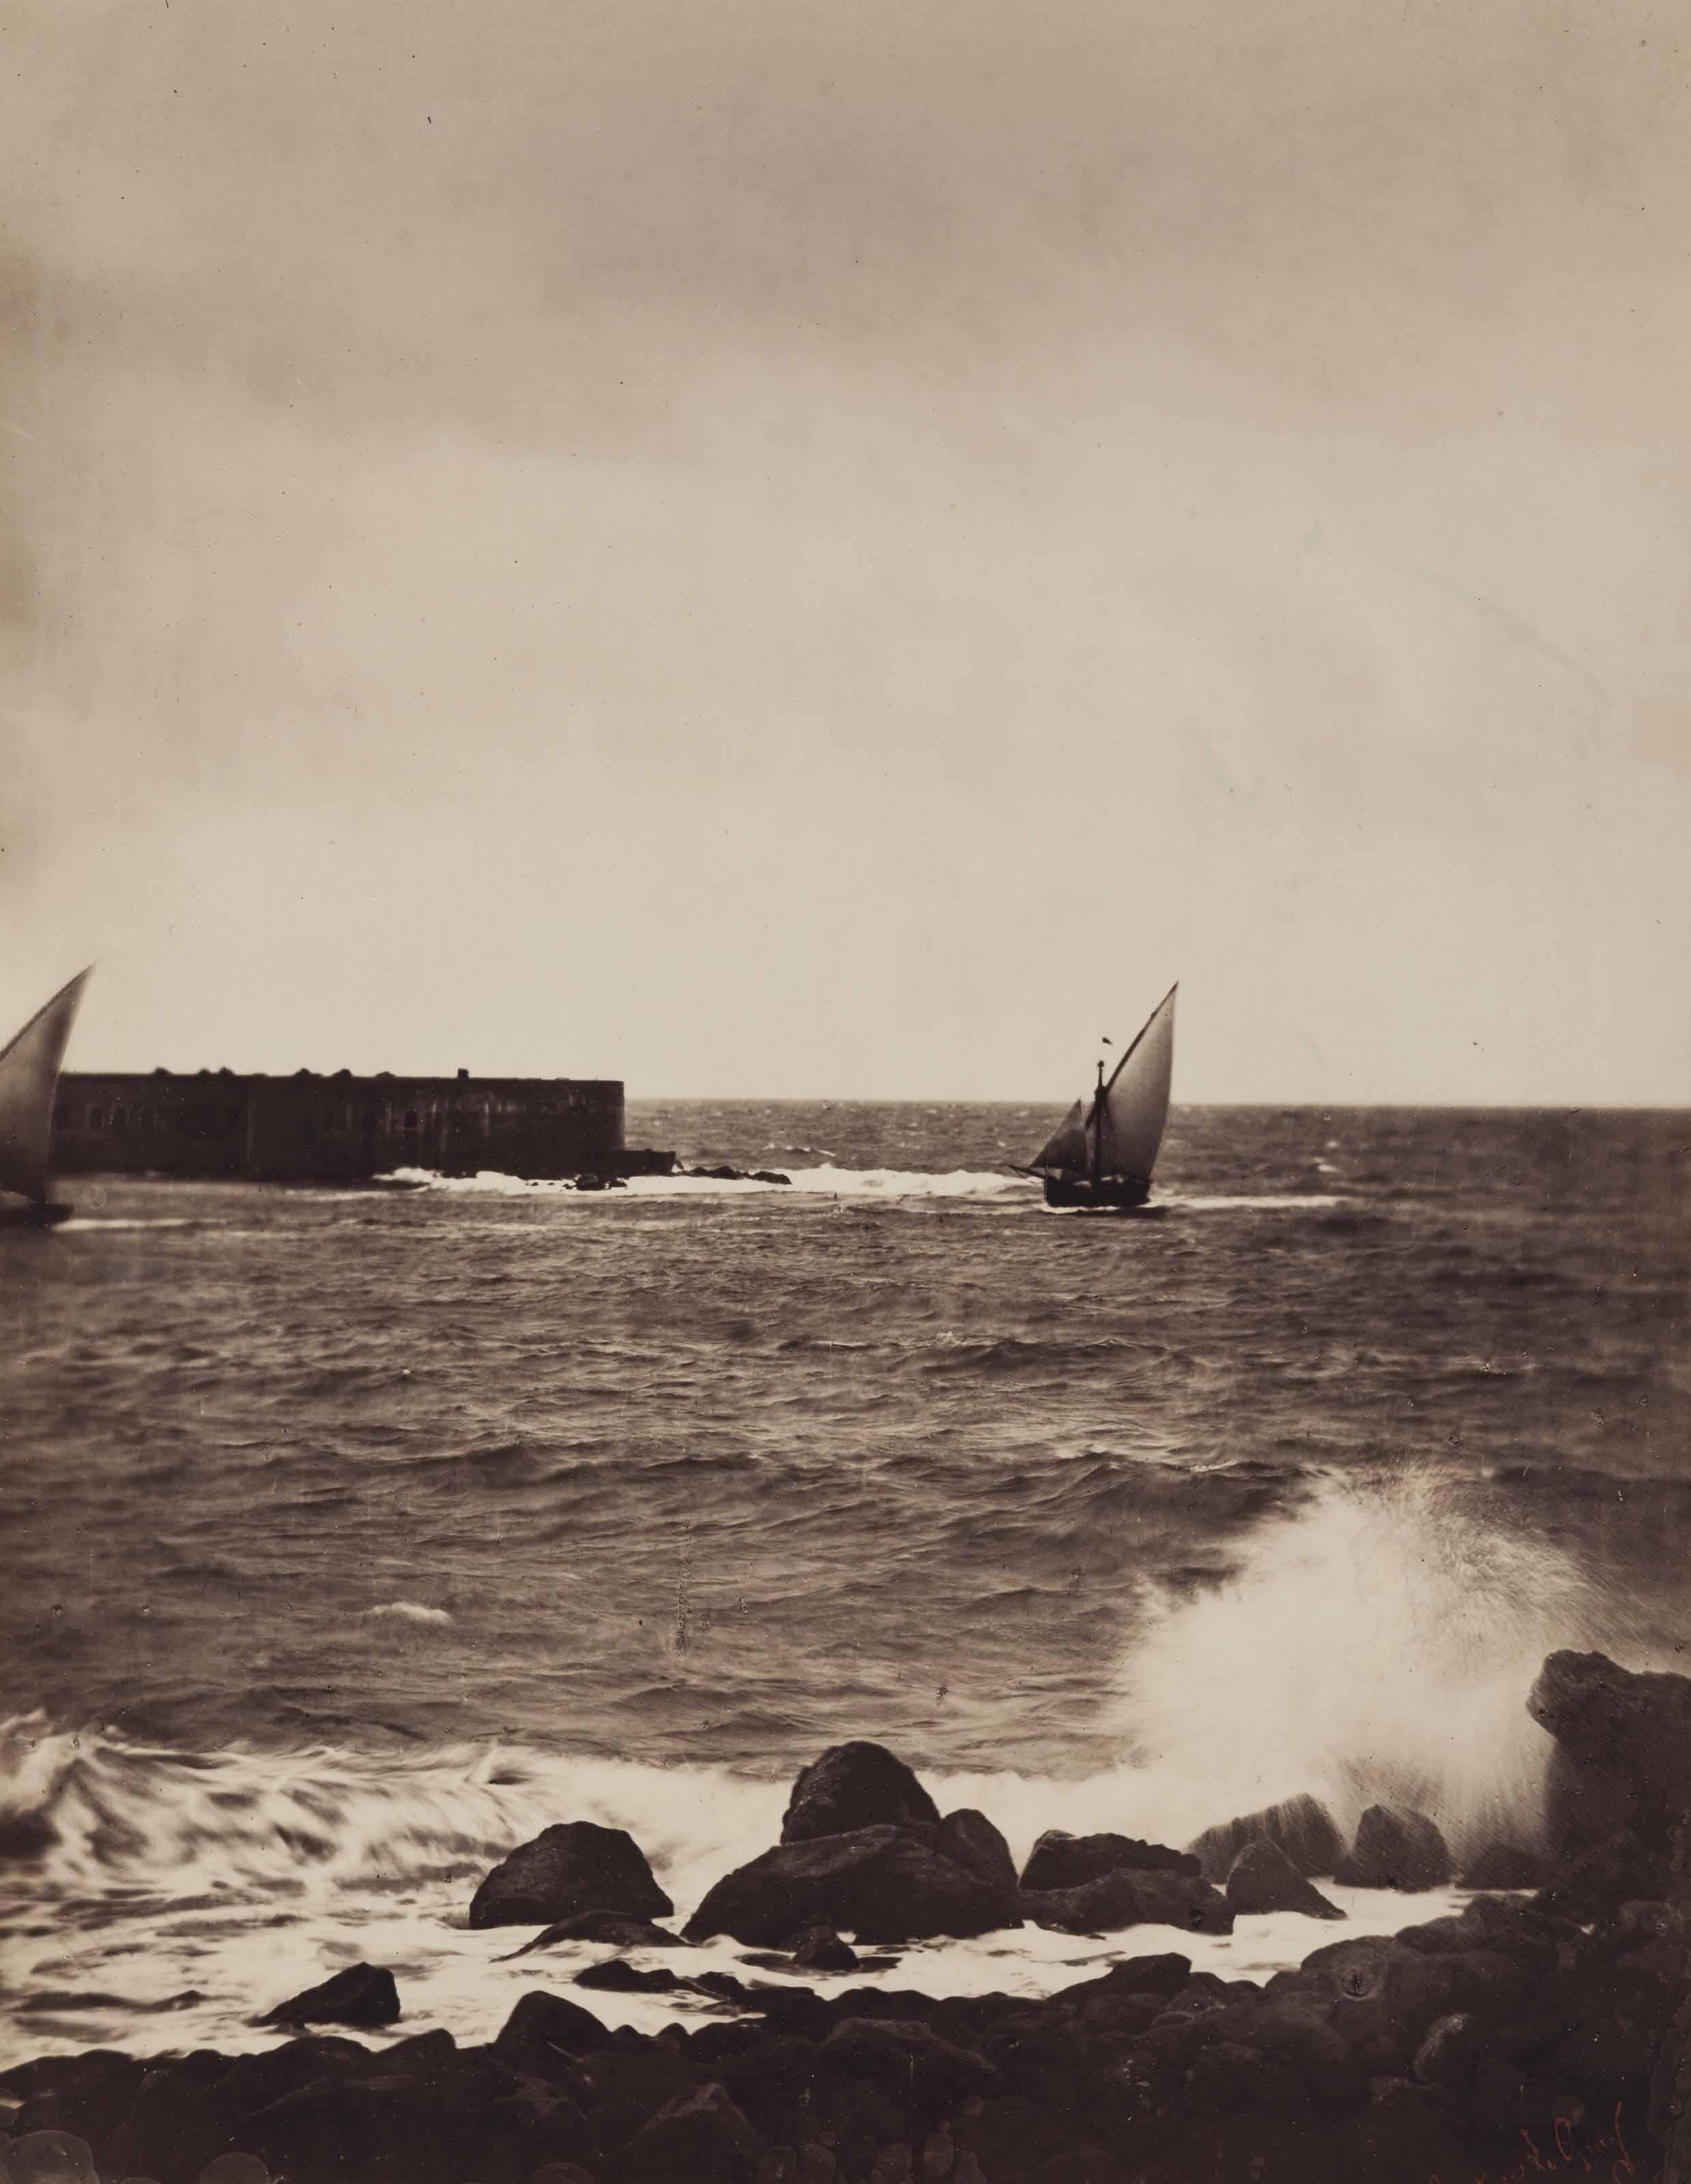 La vague brisée - Cette - Mer Méditerranée, 1857